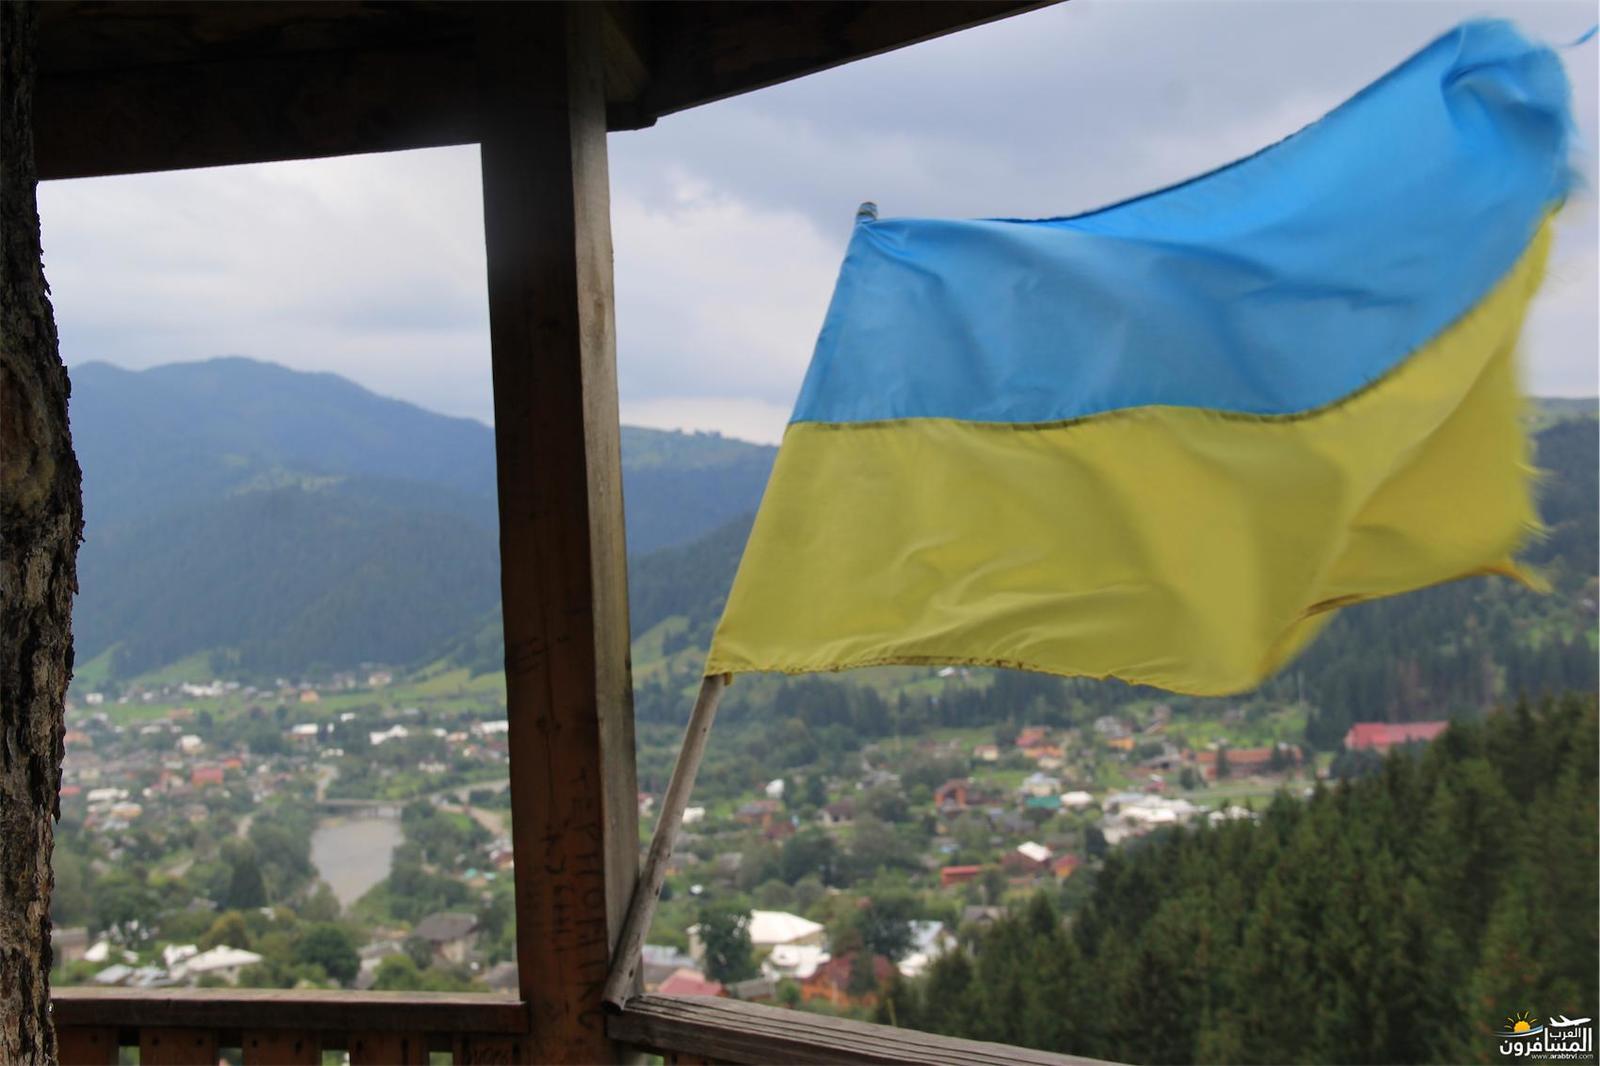 580426 المسافرون العرب مدينة لفيف غرب أوكرانيا